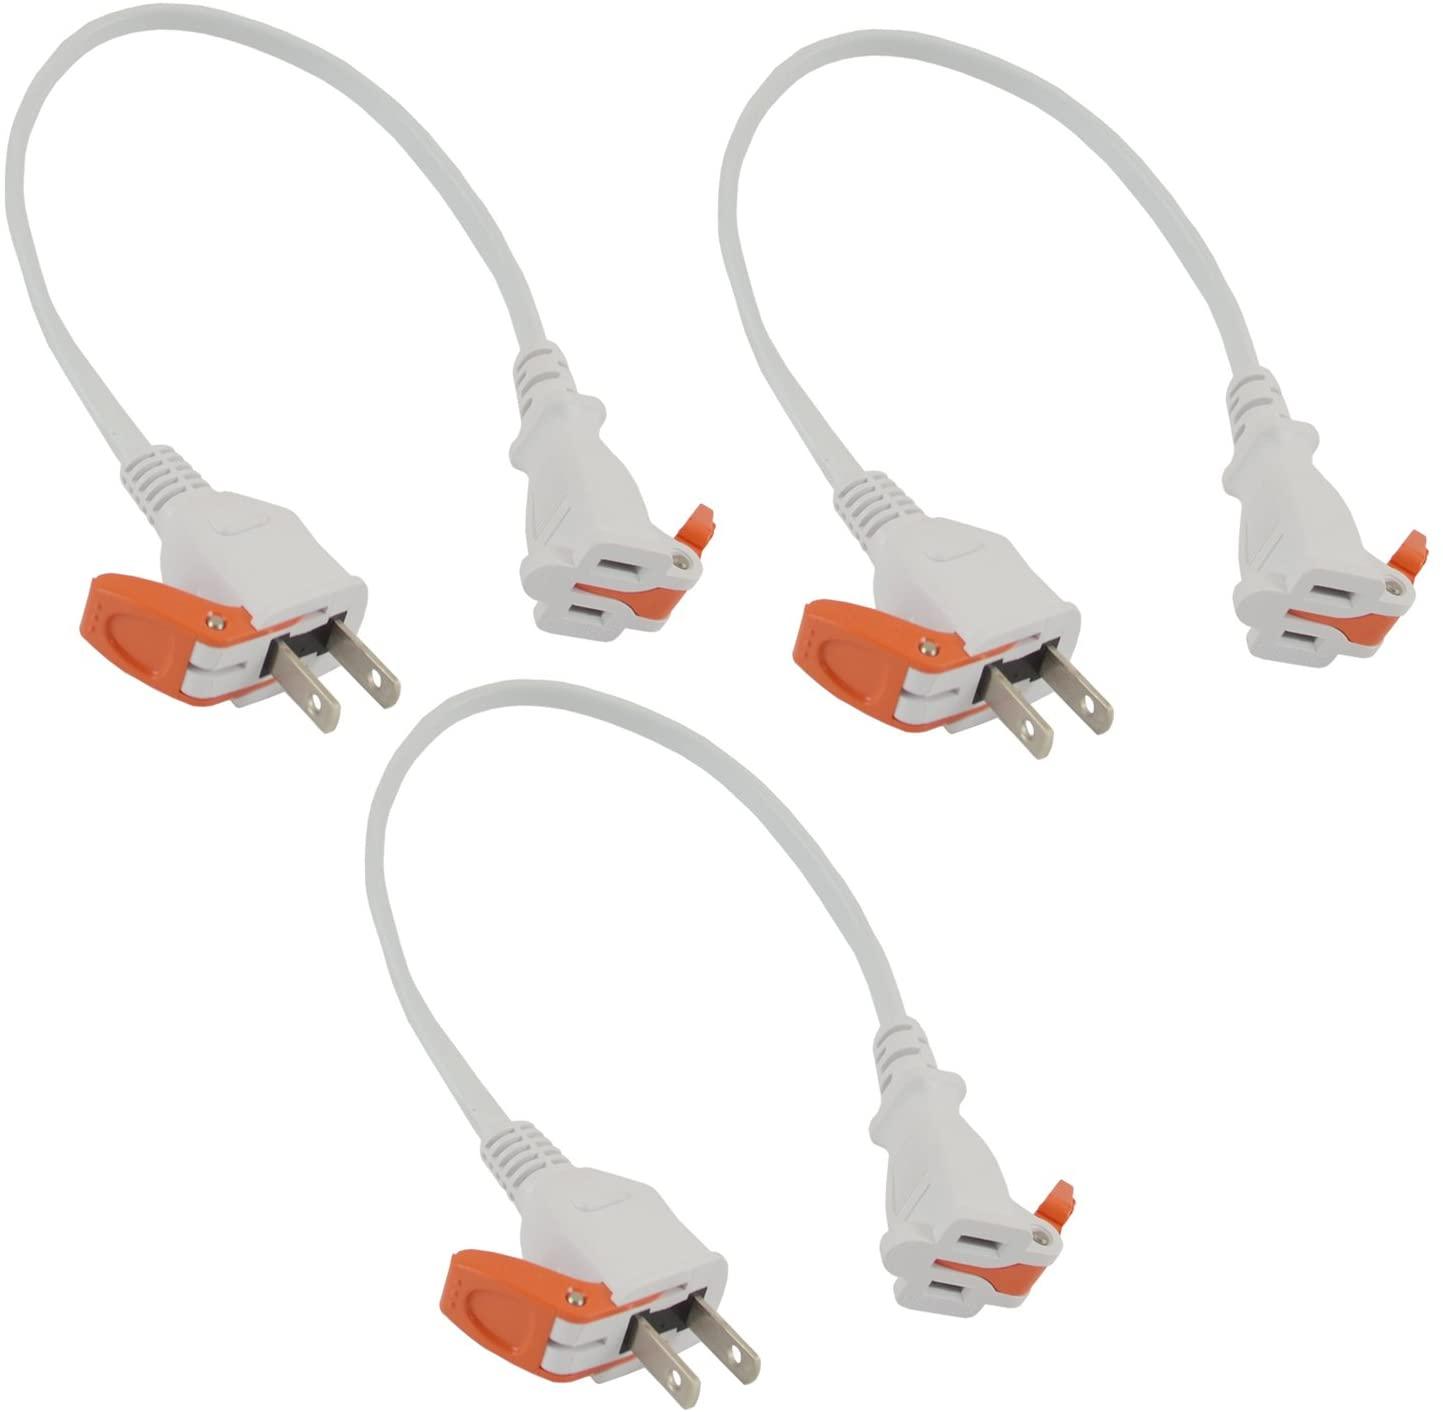 Conntek 3-03101 15 AMP Outlet Extender